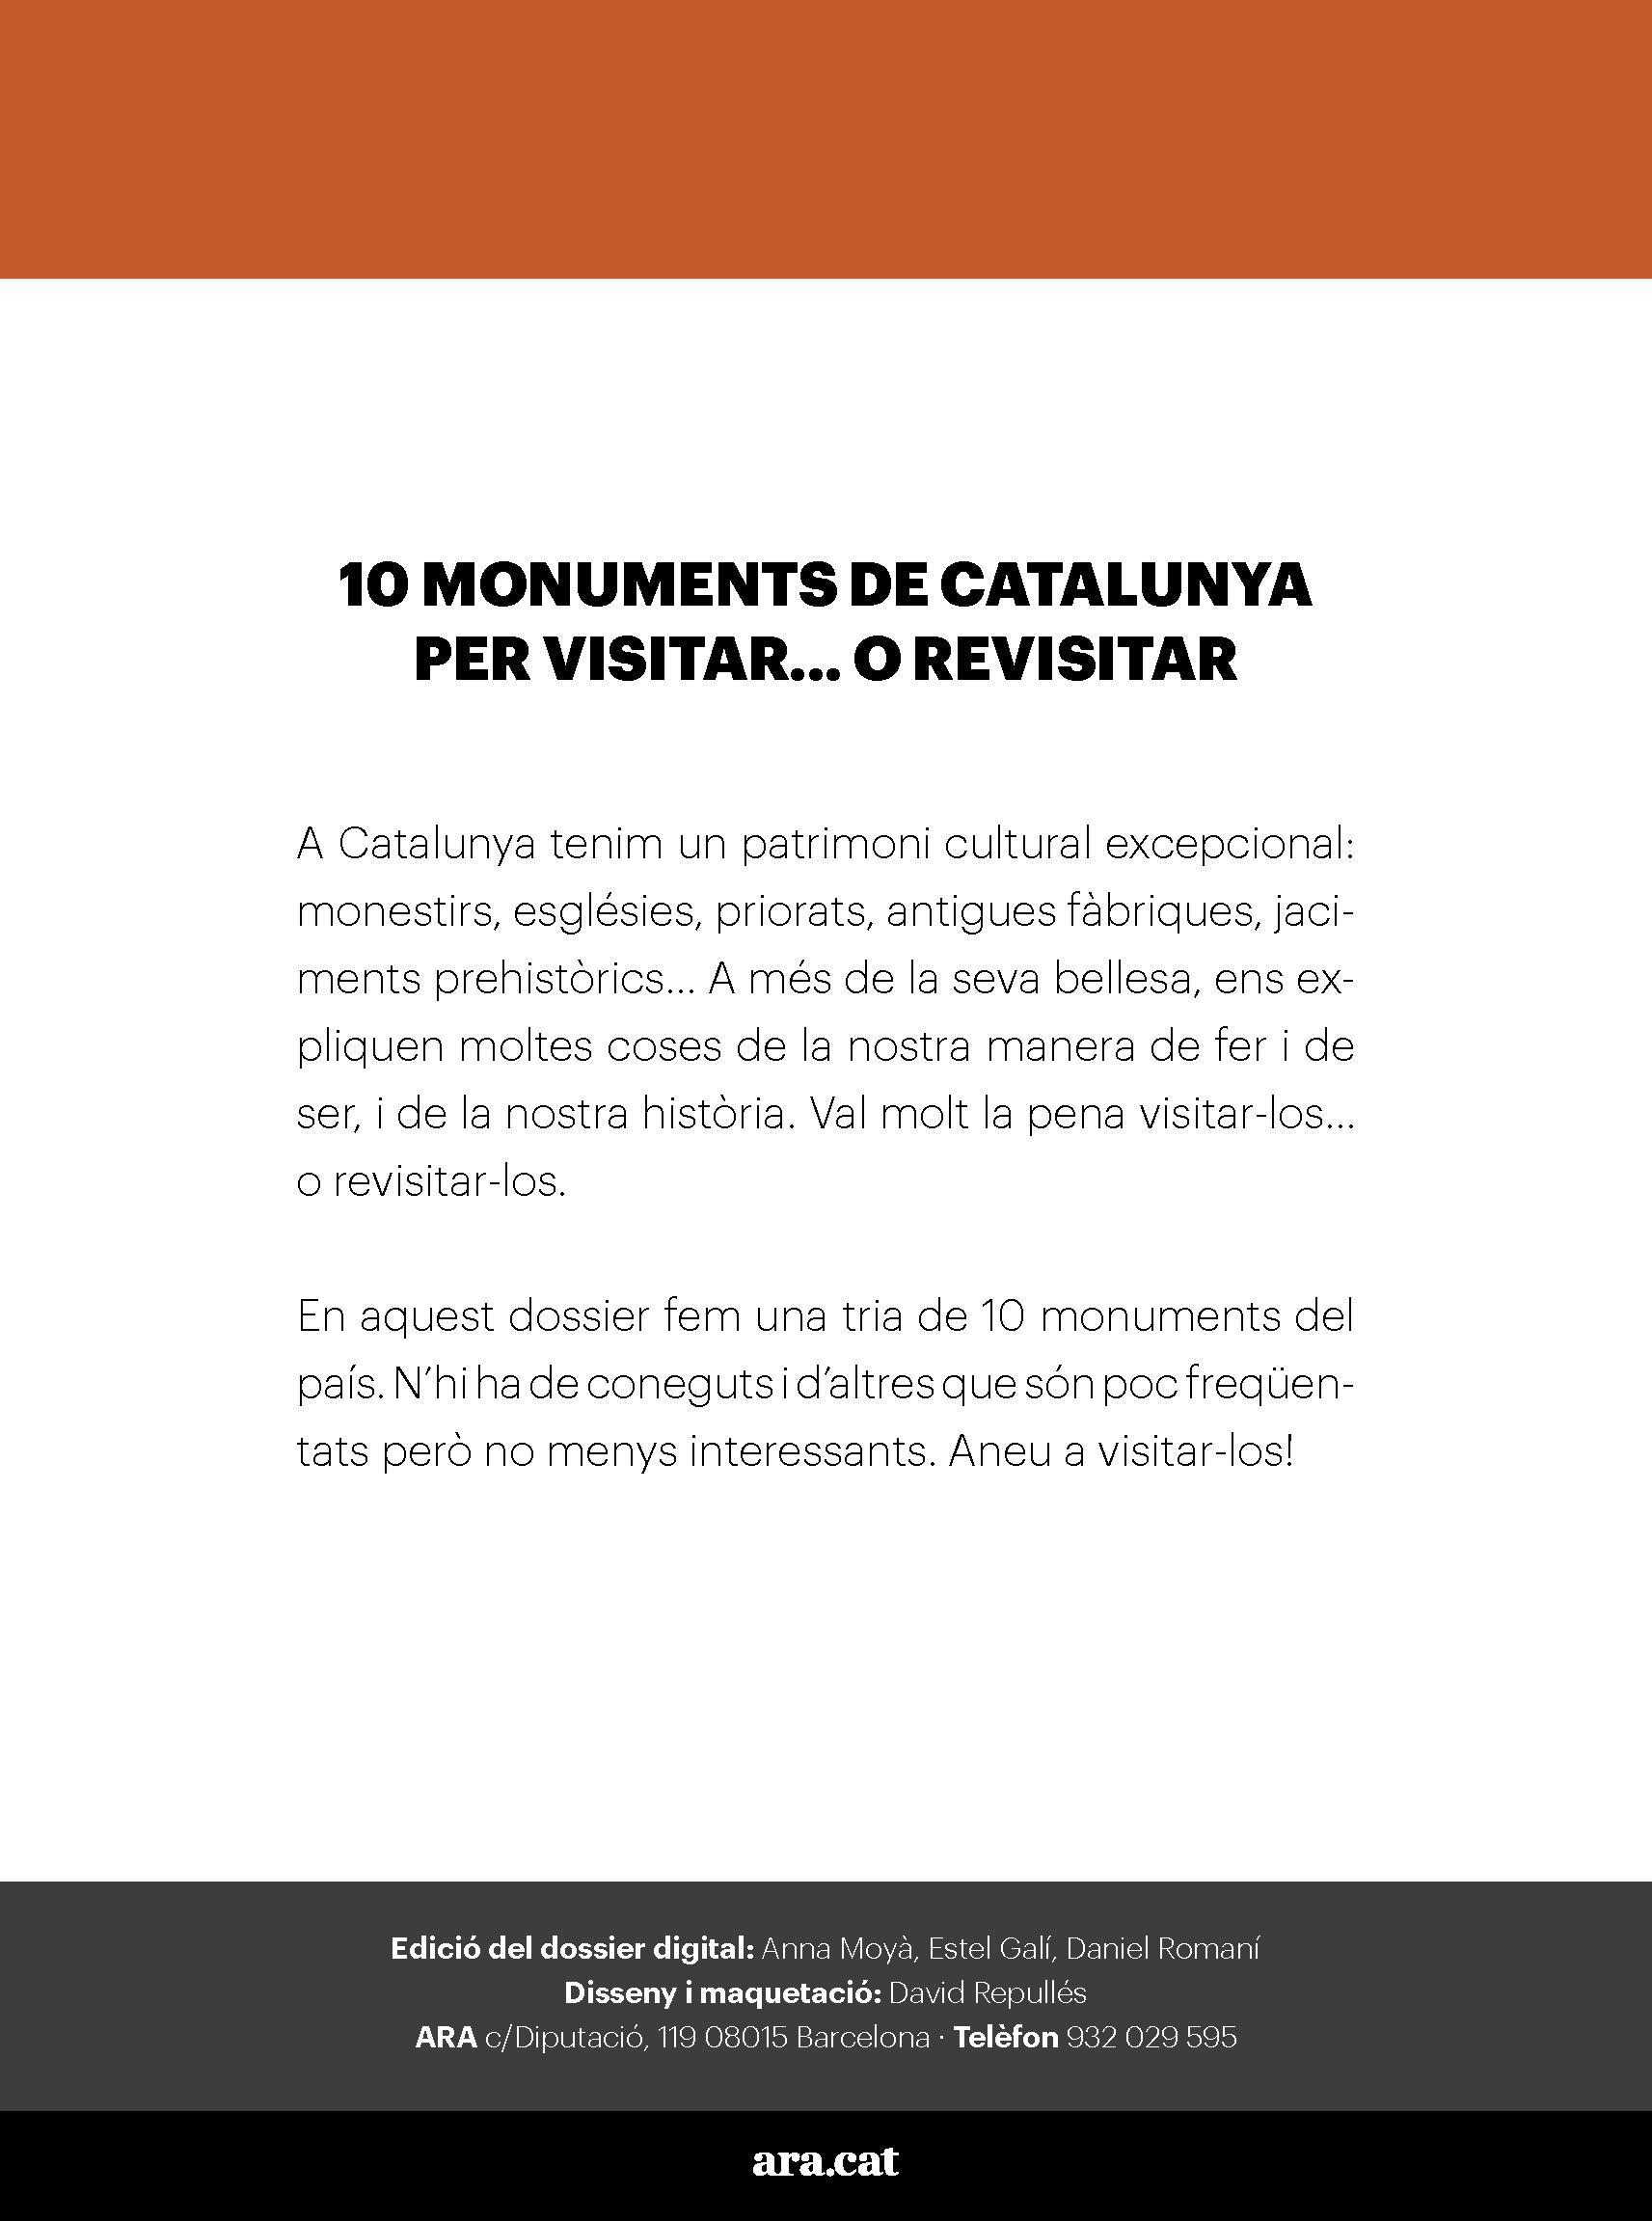 10 monuments de Catalunya per visitar... o revisitar 1